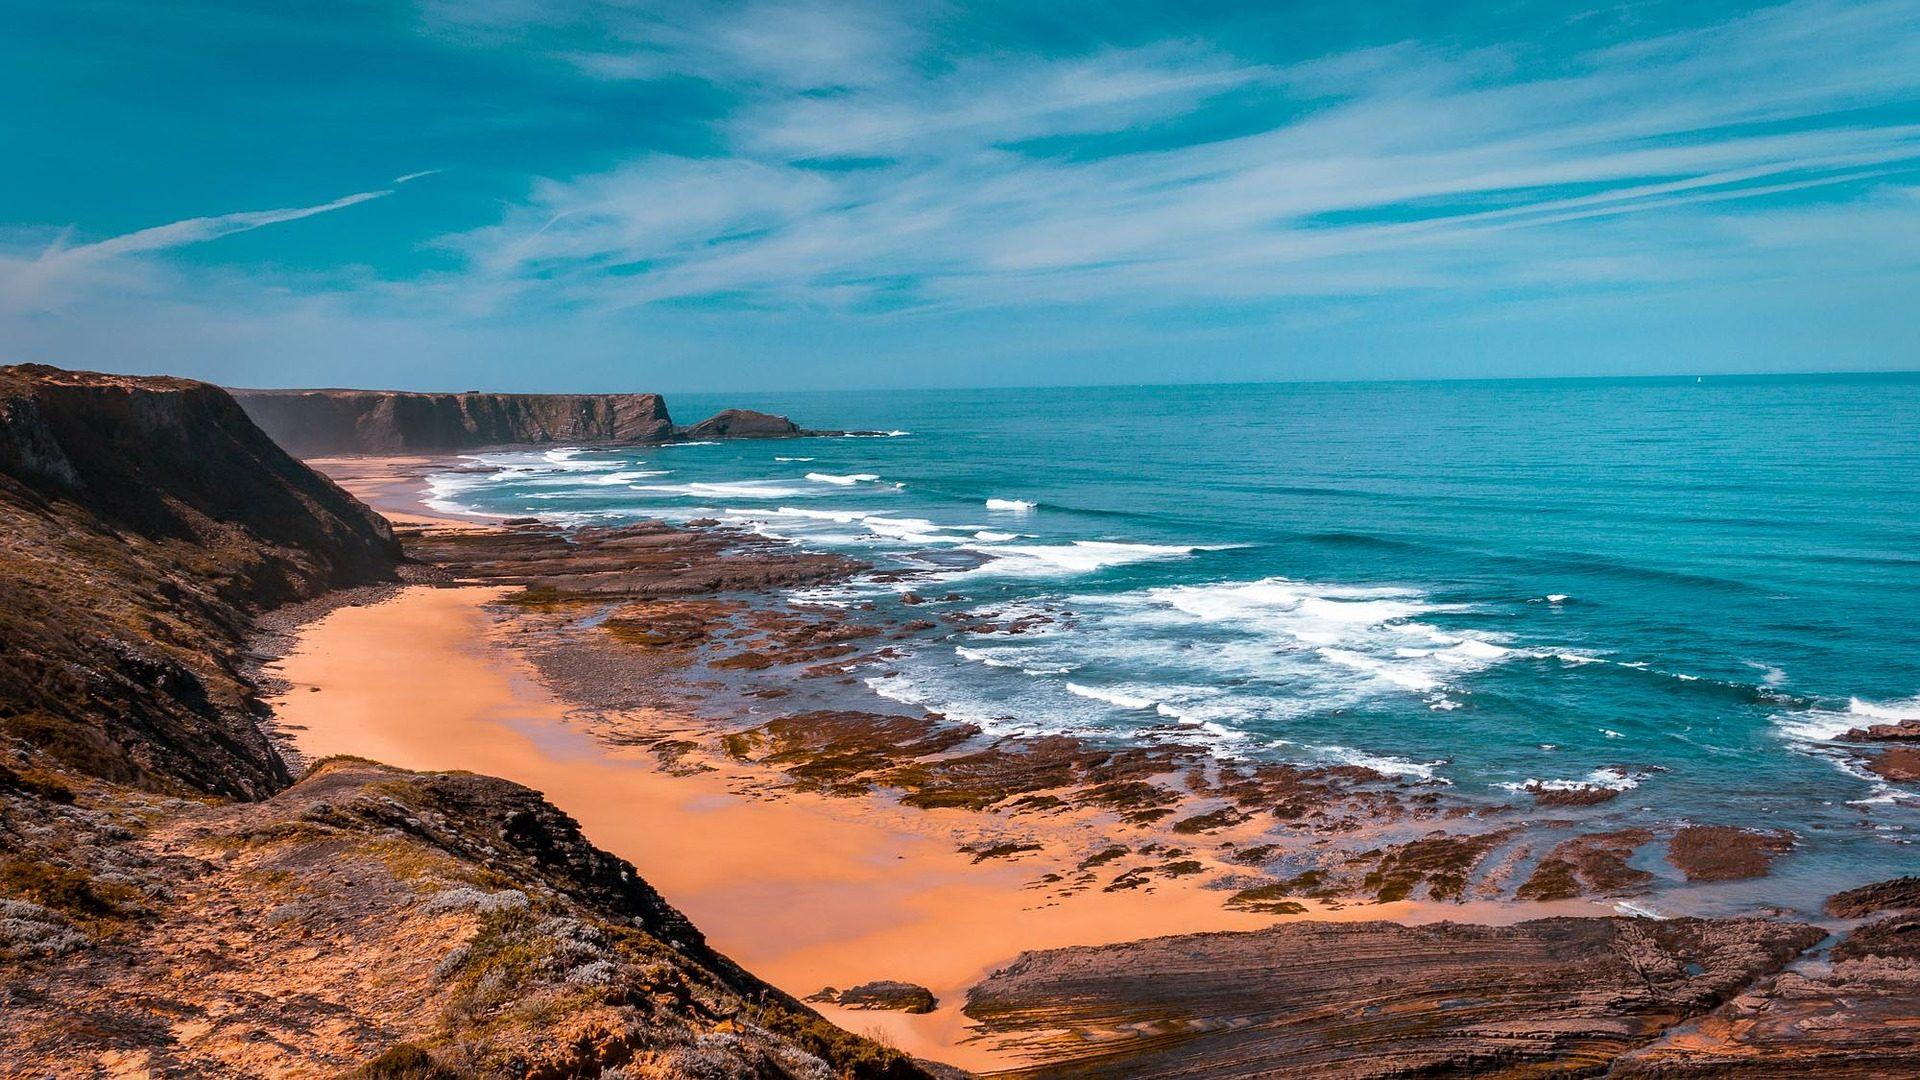 Παραλία, Θάλασσα, Ωκεανός, βράχια, πέτρες, Rocas - Wallpapers HD - Professor-falken.com